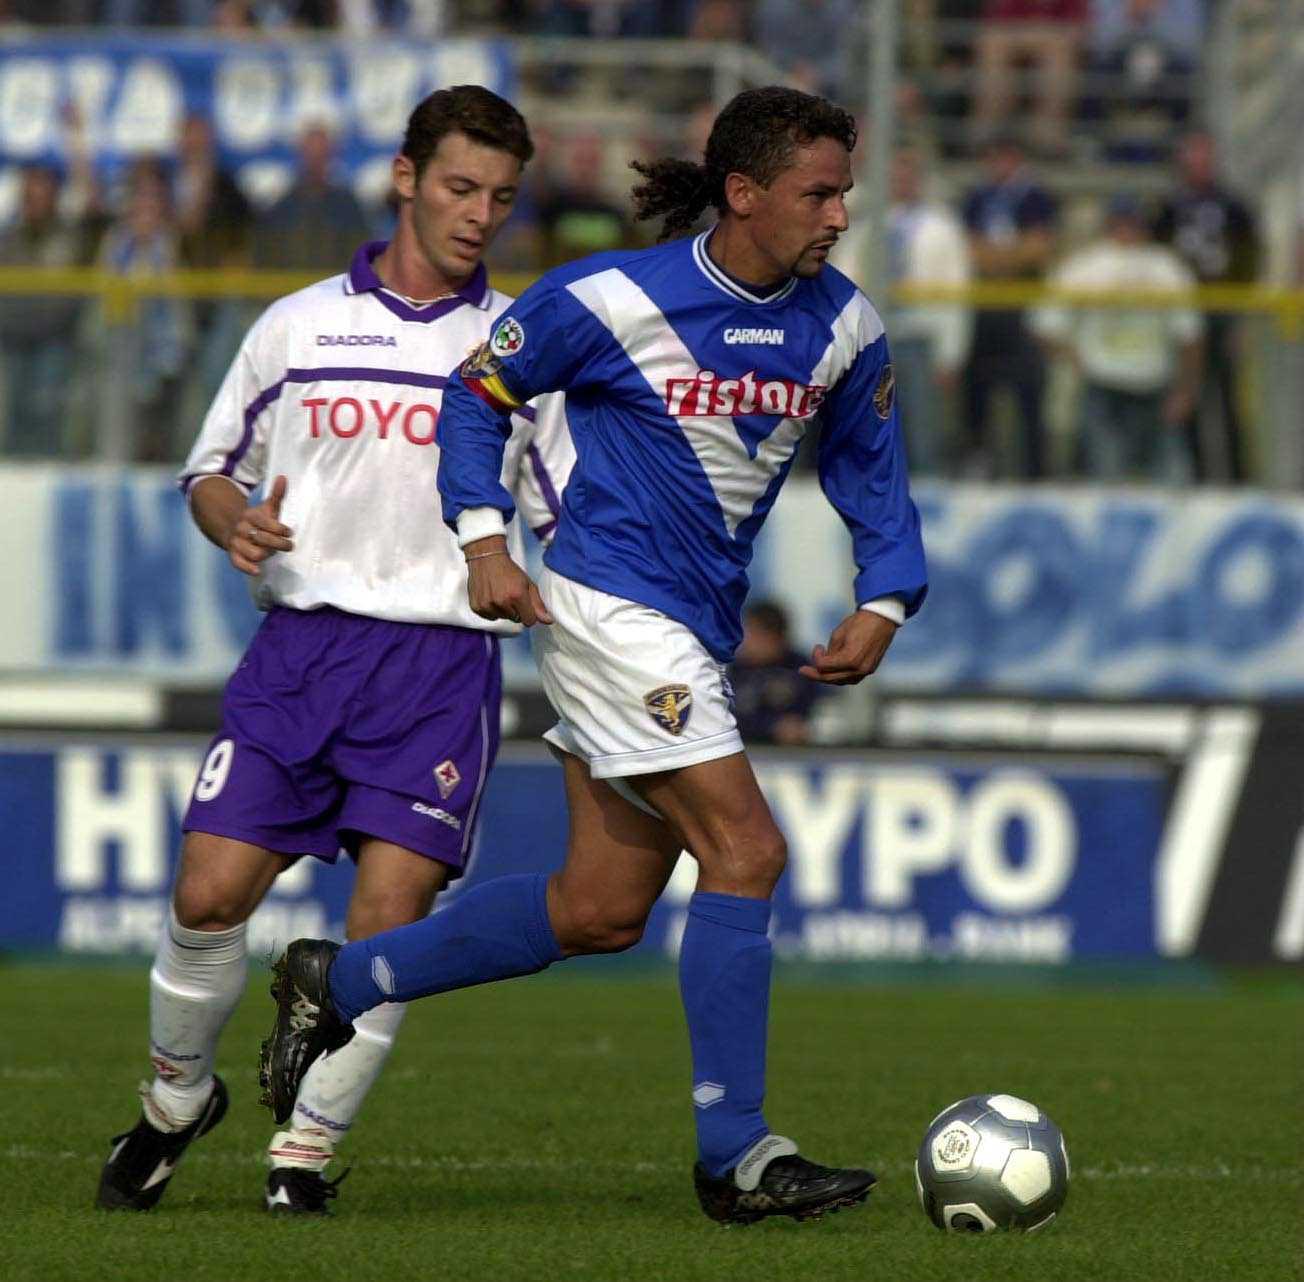 22 Oct 2000: Roberto Baggio of Brescia is chased by Fabio Rossitto of Fiorentina during the Brescia v Fiorentina Serie A match played at the Mario Rigamonti stadium in Brescia. Mandatory Credit: Grazia Neri/ALLSPORT